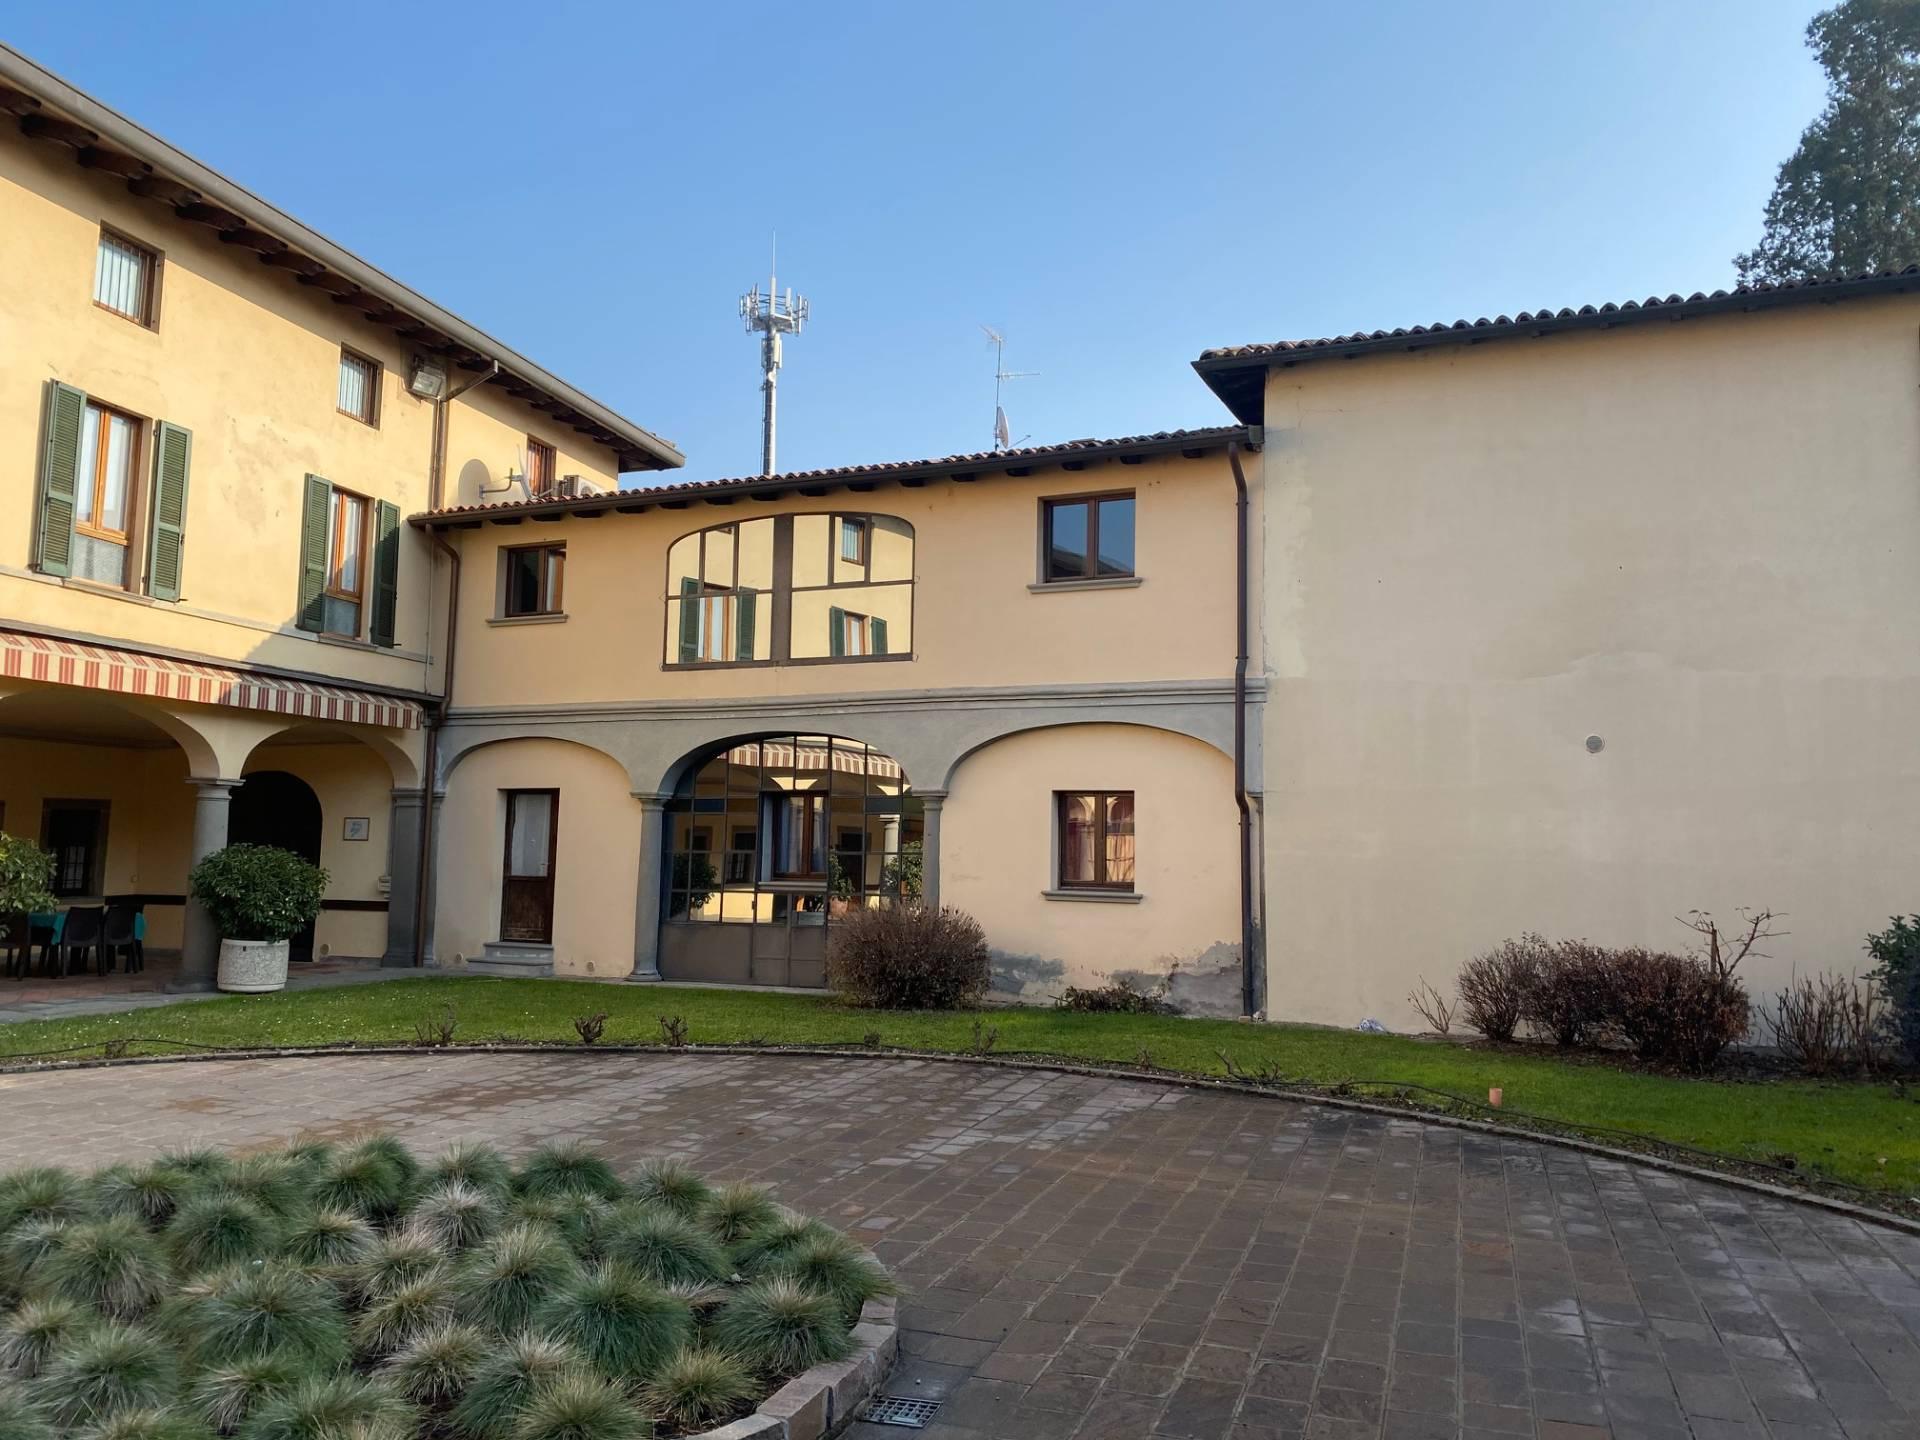 Appartamento in vendita a Palazzolo sull'Oglio, 4 locali, prezzo € 85.000 | PortaleAgenzieImmobiliari.it